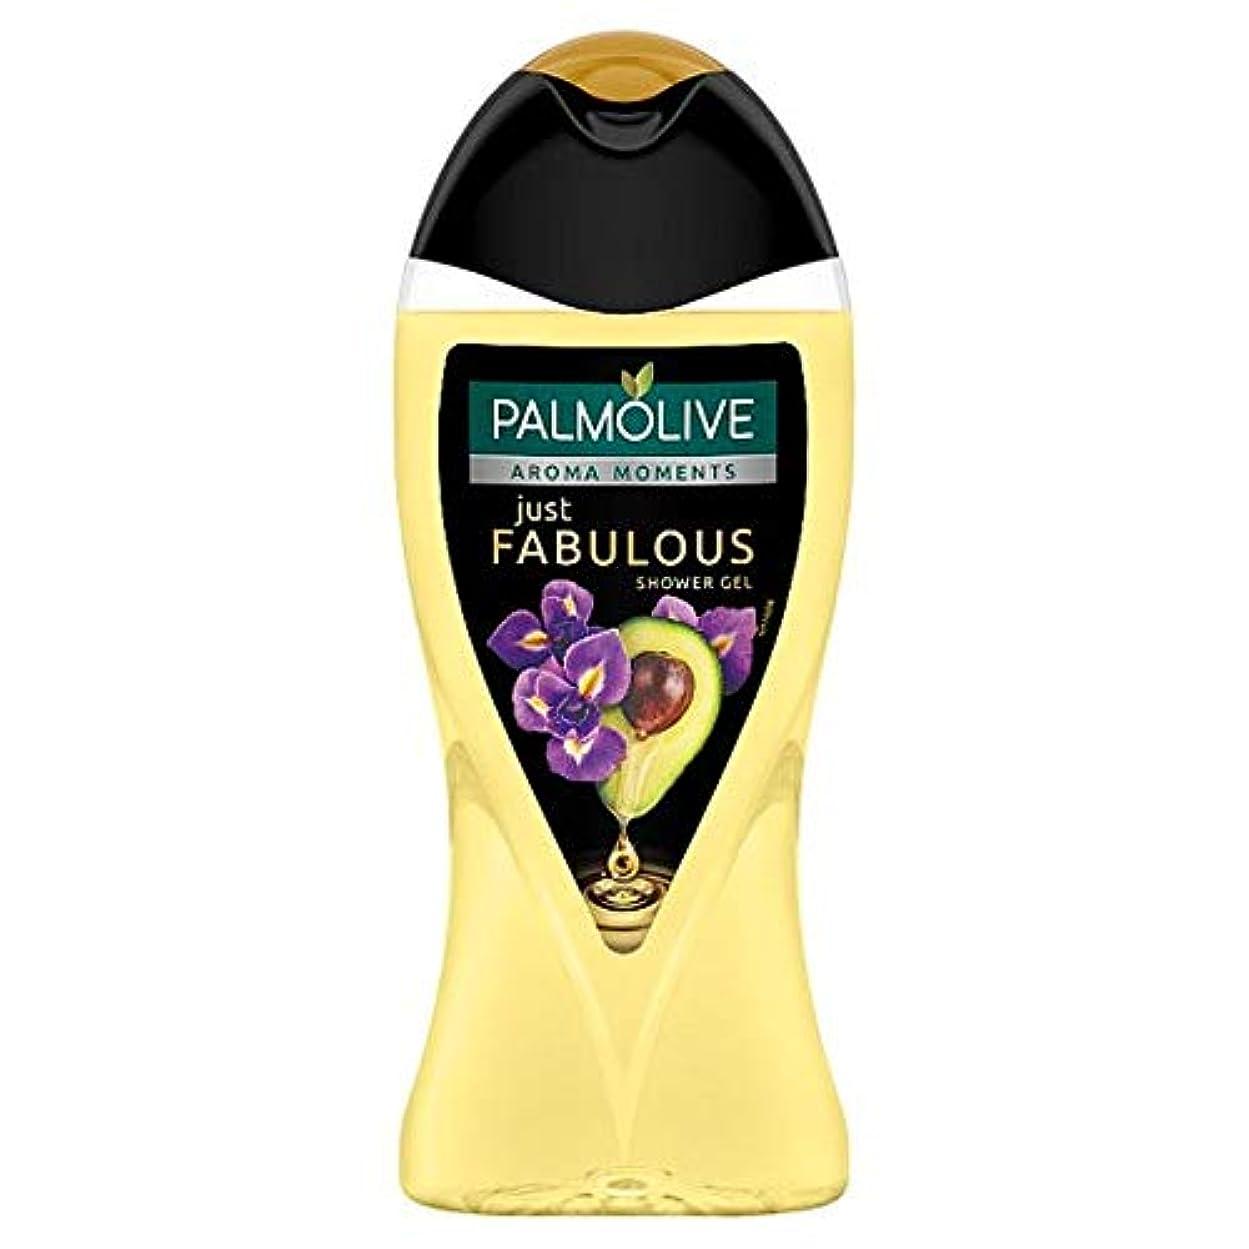 ブラザー葉を拾う履歴書[Palmolive] ちょうど素晴らしいシャワージェル250ミリリットルをパルモ - Palmolive Just Fabulous Shower Gel 250Ml [並行輸入品]